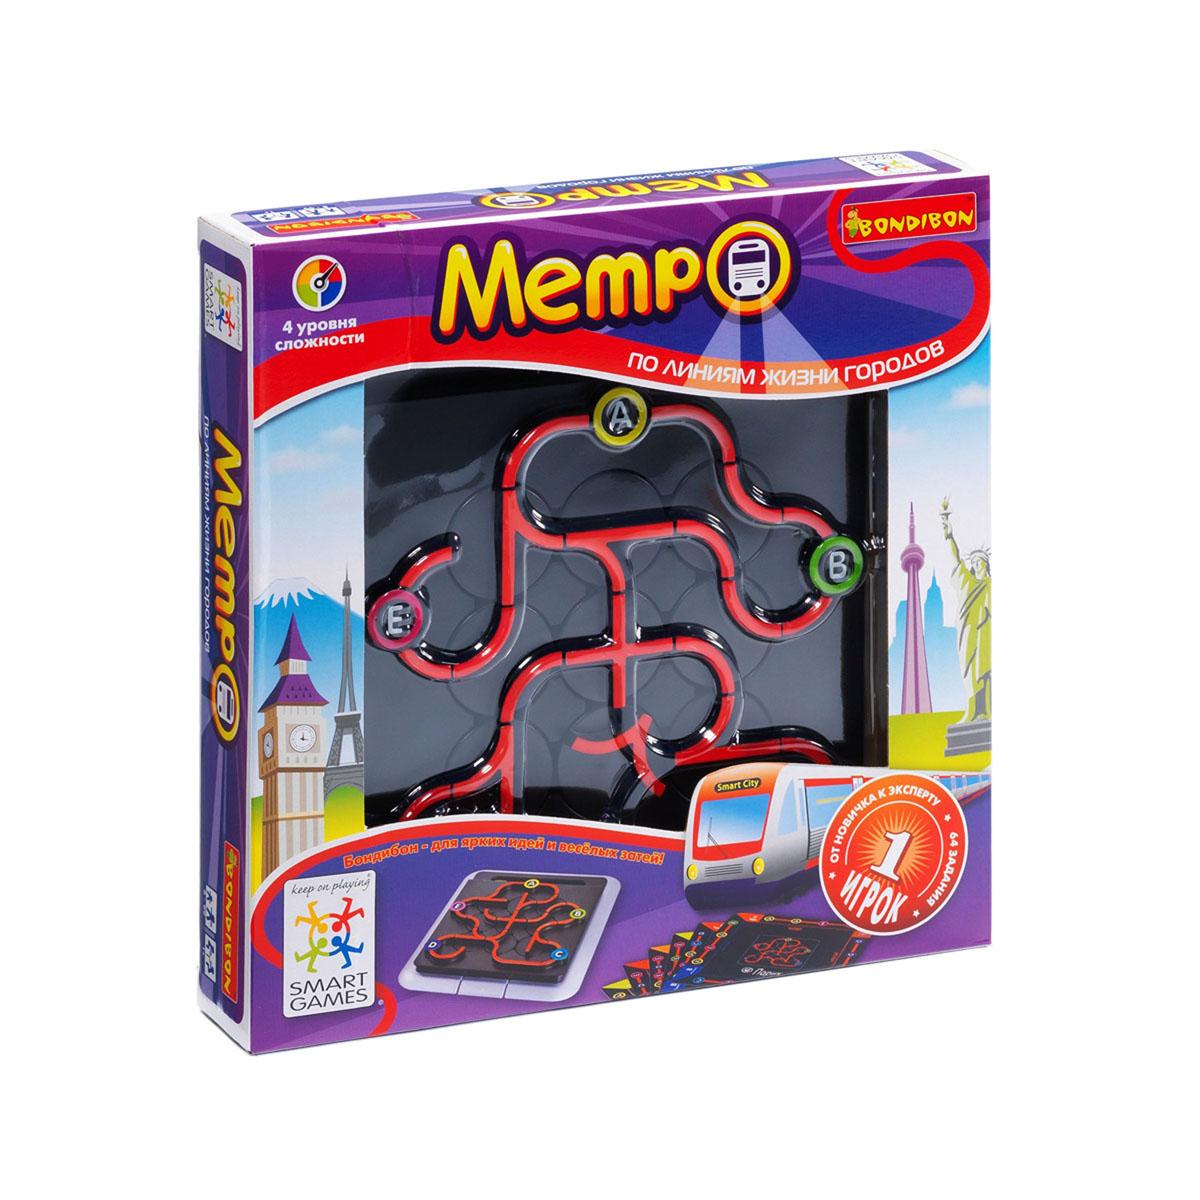 Логическая игра Bondibon SmartGames МетроВВ0846Ты сможешь создать собственный метрополитен в твоем любимом городе, и тебе не придется копать для этого землю. Расположи детали железнодорожной колеи на игровом поле таким образом, чтобы поезд метро смог проследовать через все станции, указанные в карточке с заданием. Схема движения поездов в метро разрабатывается с учетом определенных правил. Назови станции, как тебе захочется и не сбейся с маршрута! Логическая игра Bondibon SmartGames Метро - идеальная дорожная игра для детей и взрослых, играть в которую можно и в автомобиле, и в метро, и на поезде, и на природе! В игре 64 захватывающих логических задания, от самого простого до высшего уровня. Удобная игровая доска с отделением для хранения карточек с заданиями и правил игры. Игра имеет 4 уровня сложности. С ее помощью можно развить логическое мышление и познавательные способности, социальное развитие, концентрацию внимания, тренировку памяти, фантазию и мелкую моторику. В комплект игры входит: игровая доска с...